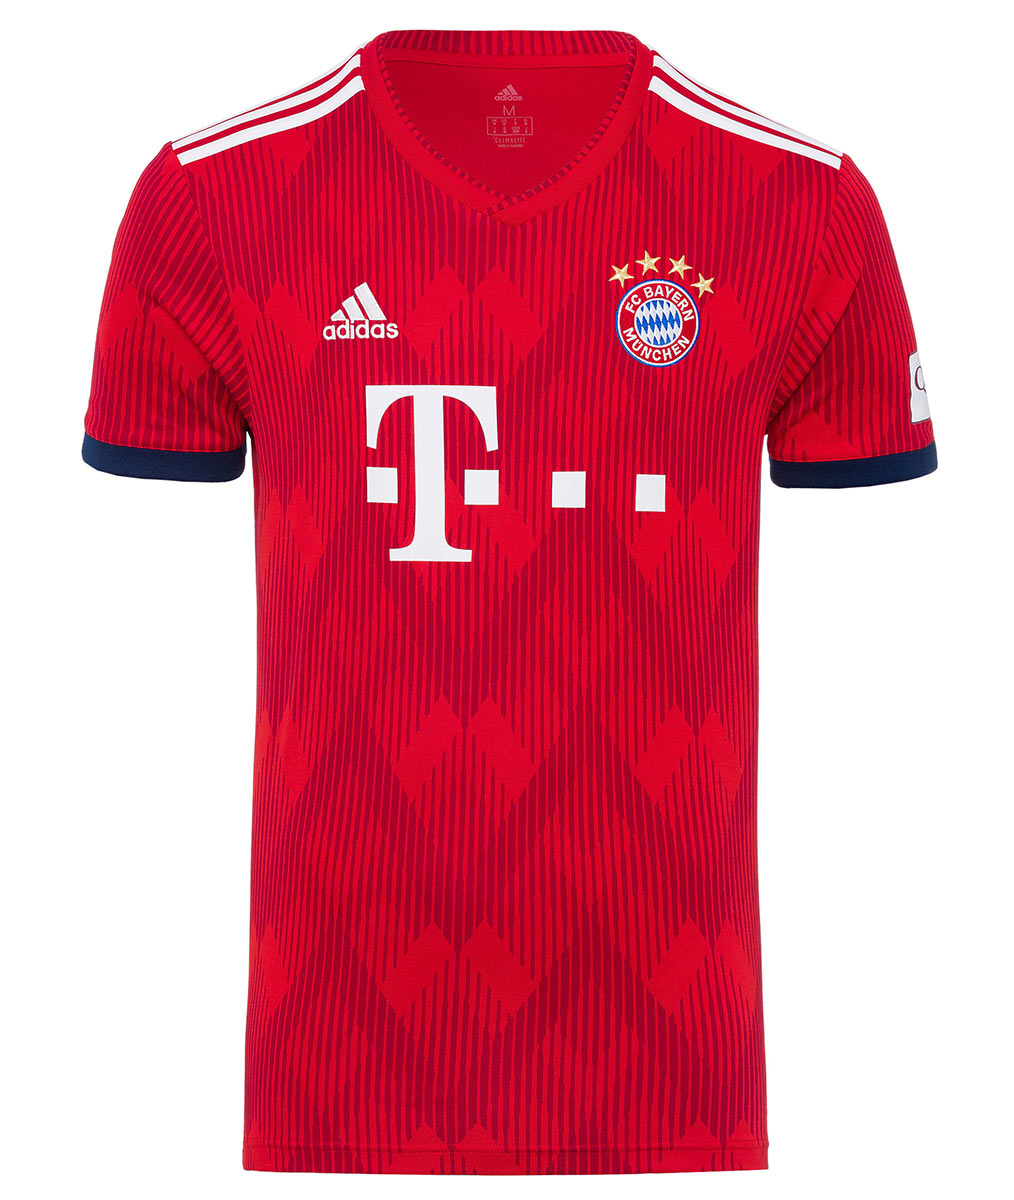 Maglia Bayern Monaco 2018-2019 con la grafica a diamanti di adidas